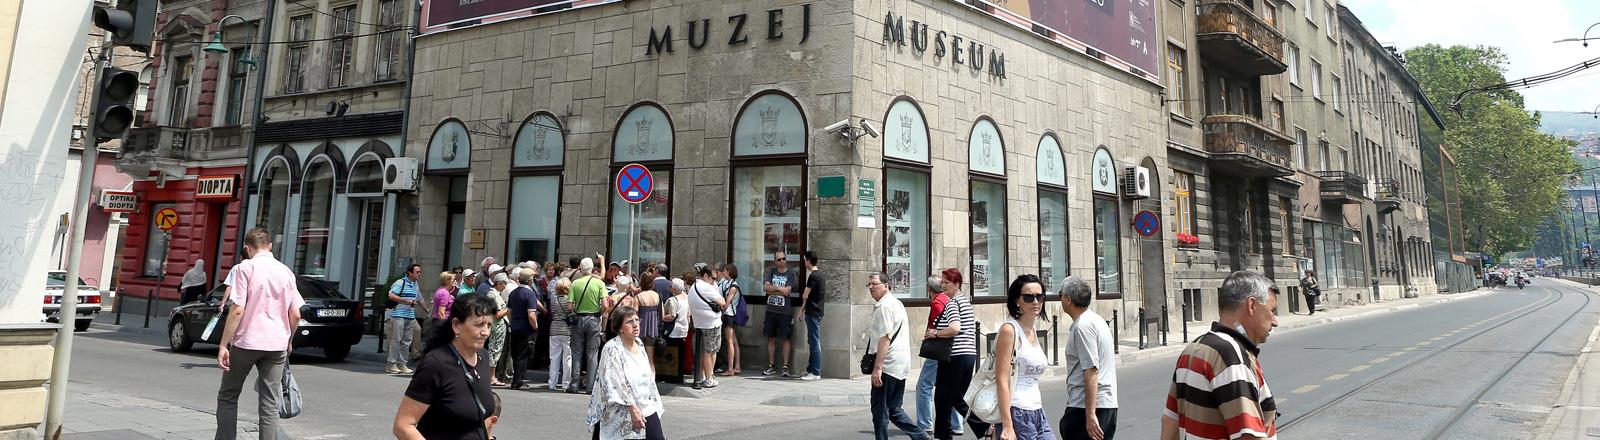 Vor dem Museum von Sarajevo für die Jahre 1878 bis 1918 steht eine lange Schlange von Besuchern; Bild: dpa